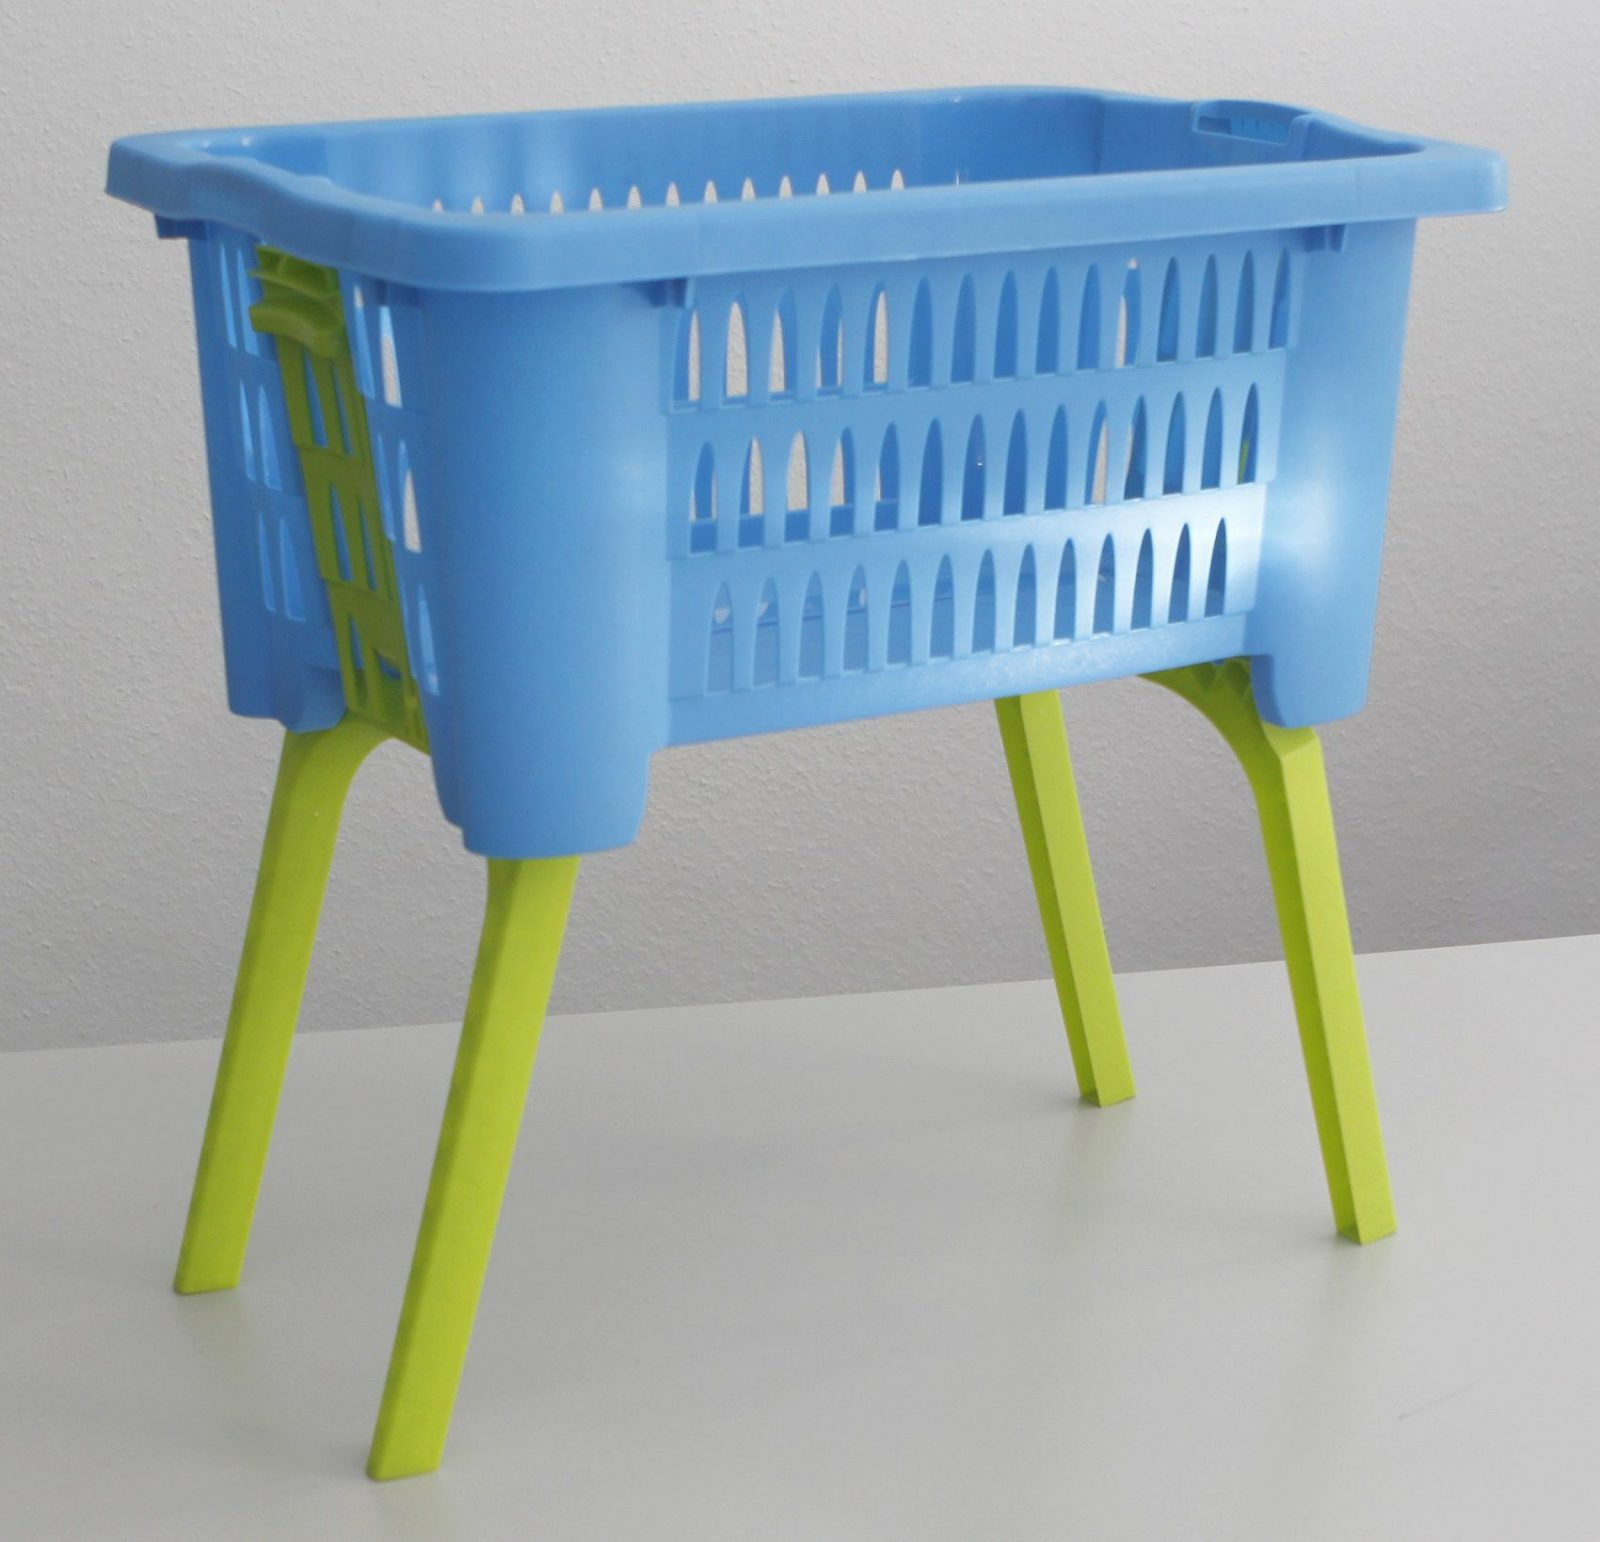 Wäschekorb Mit Ausklappbaren Beinen 60 X 40 X 58 Cm Hellblau Grün von Wäschekorb Mit Ausklappbaren Beinen Bild